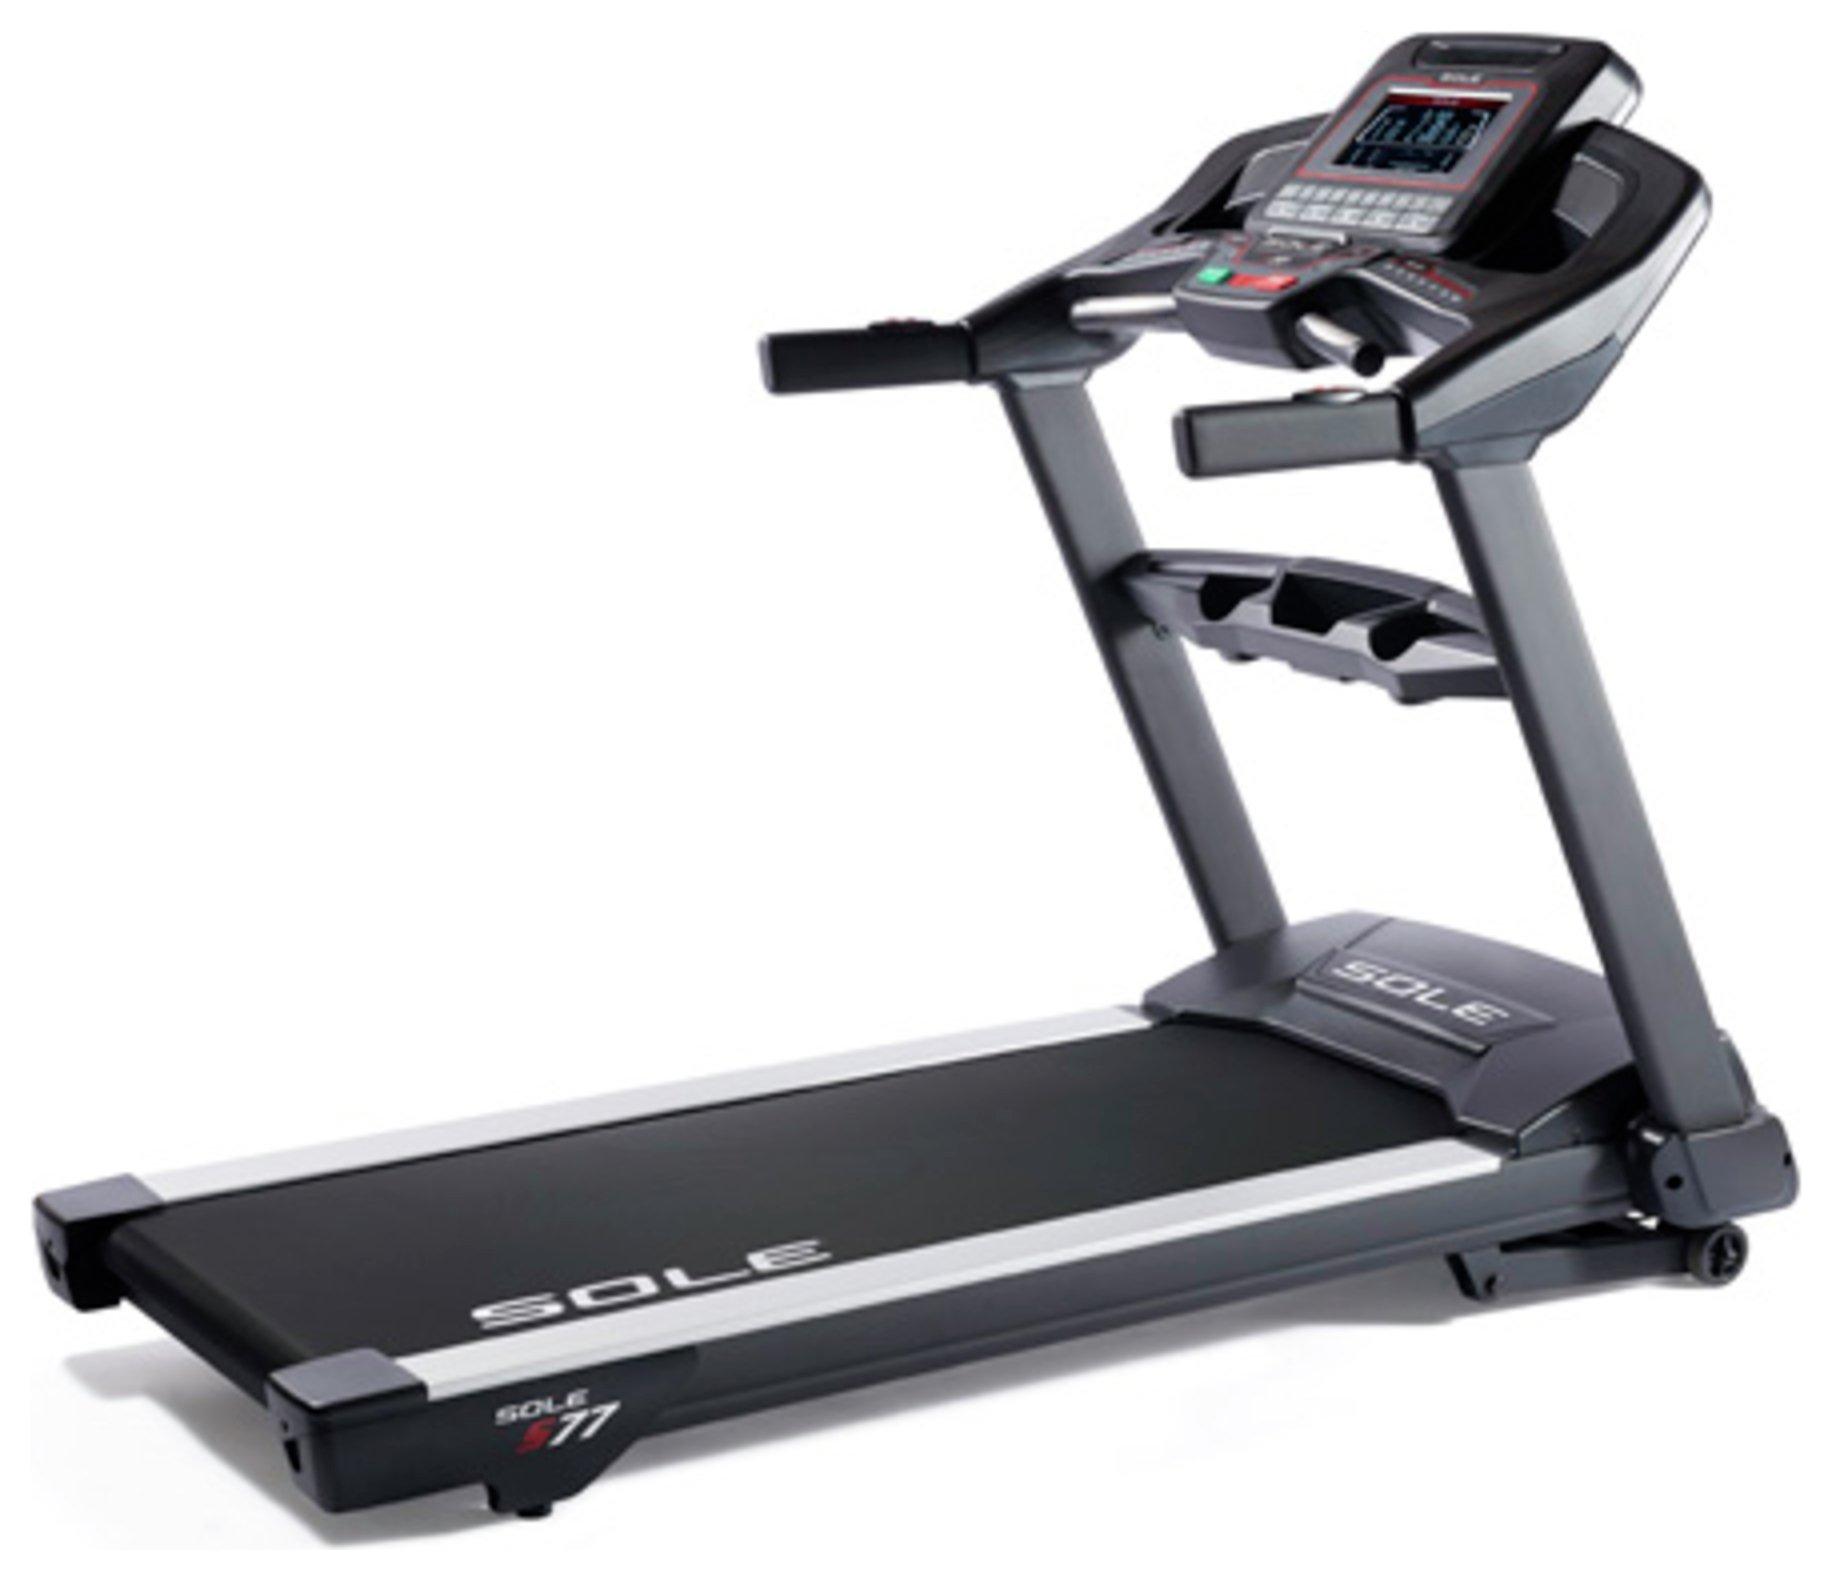 Sole Treadmill S77